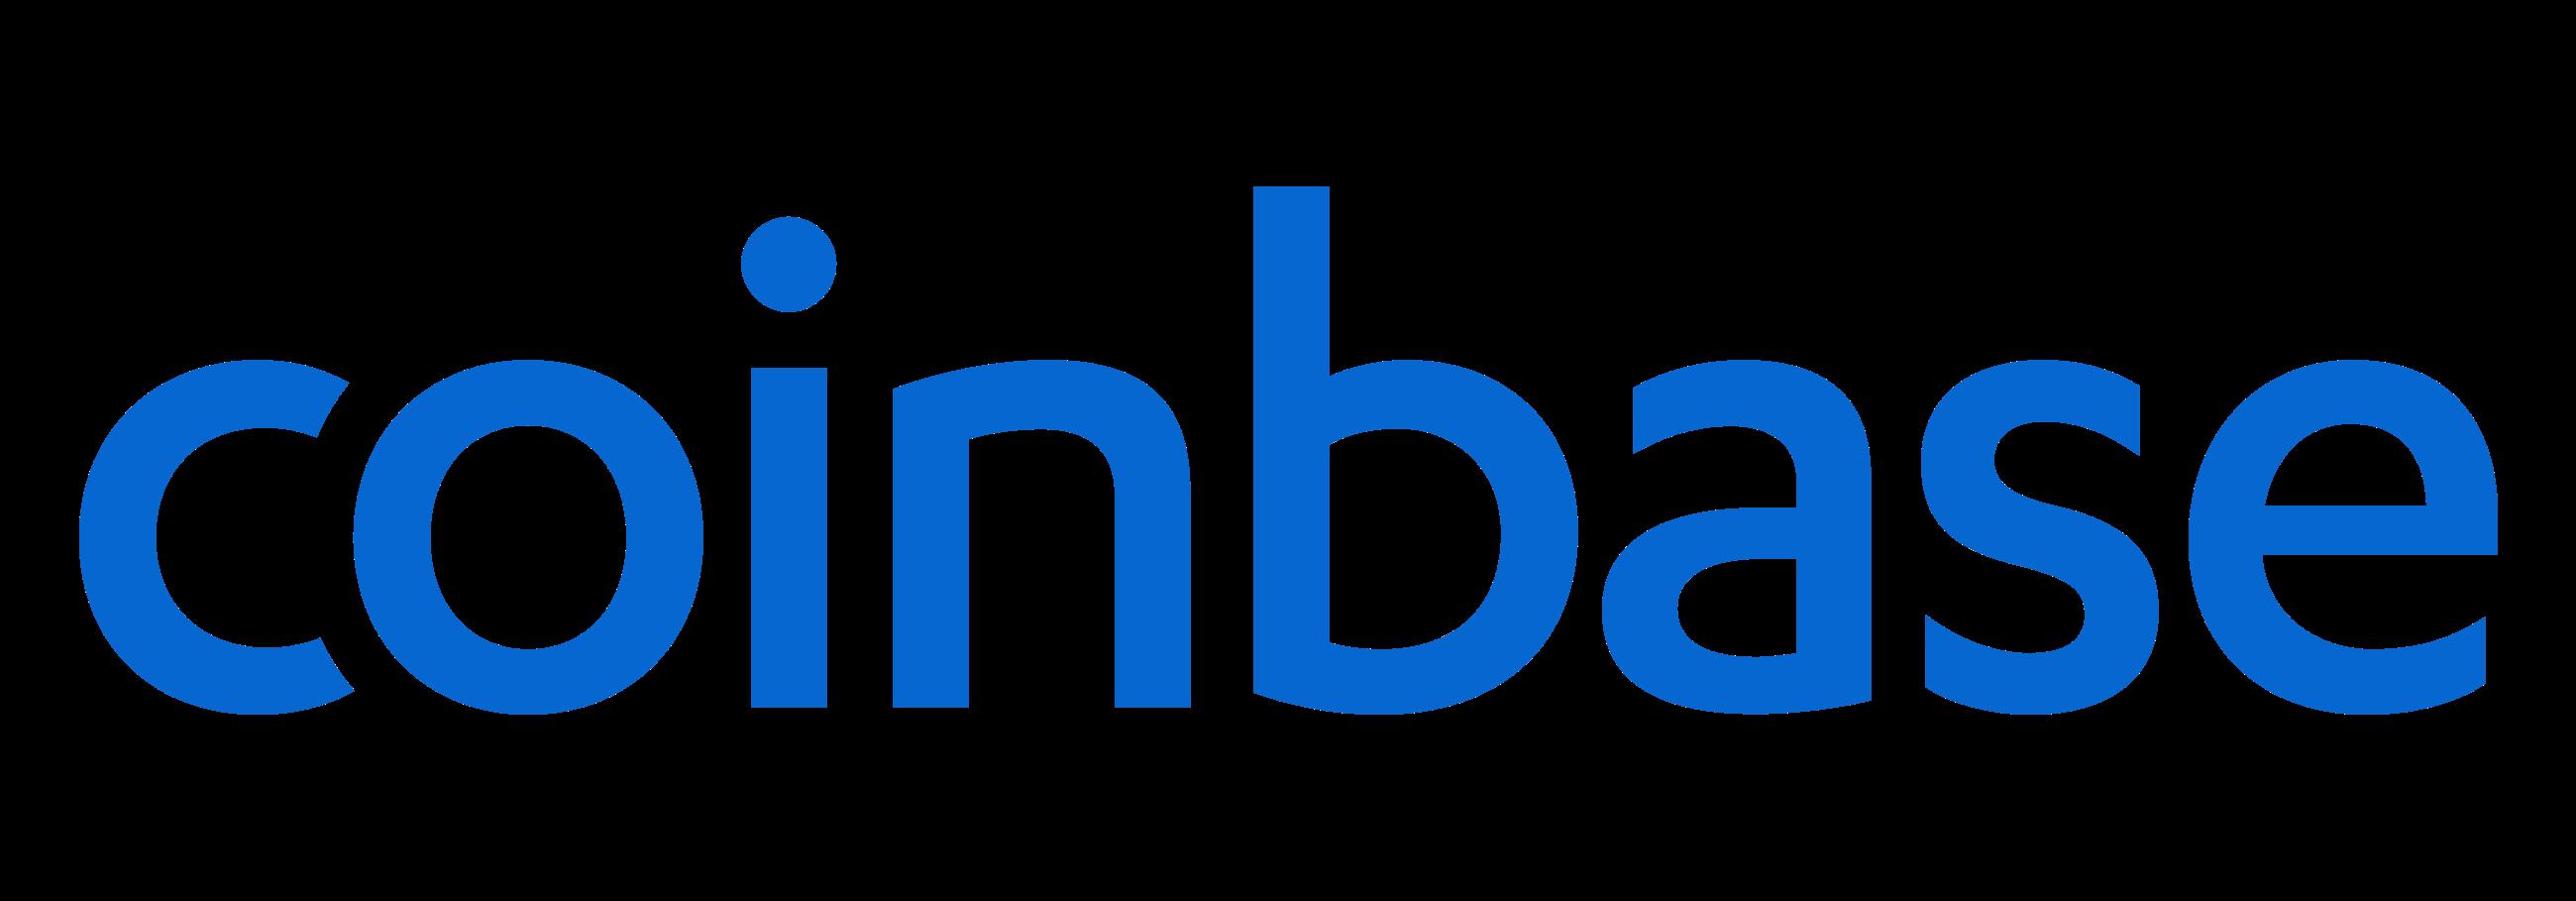 coinbase_logo, coinbase stock, coinbase pro twitter